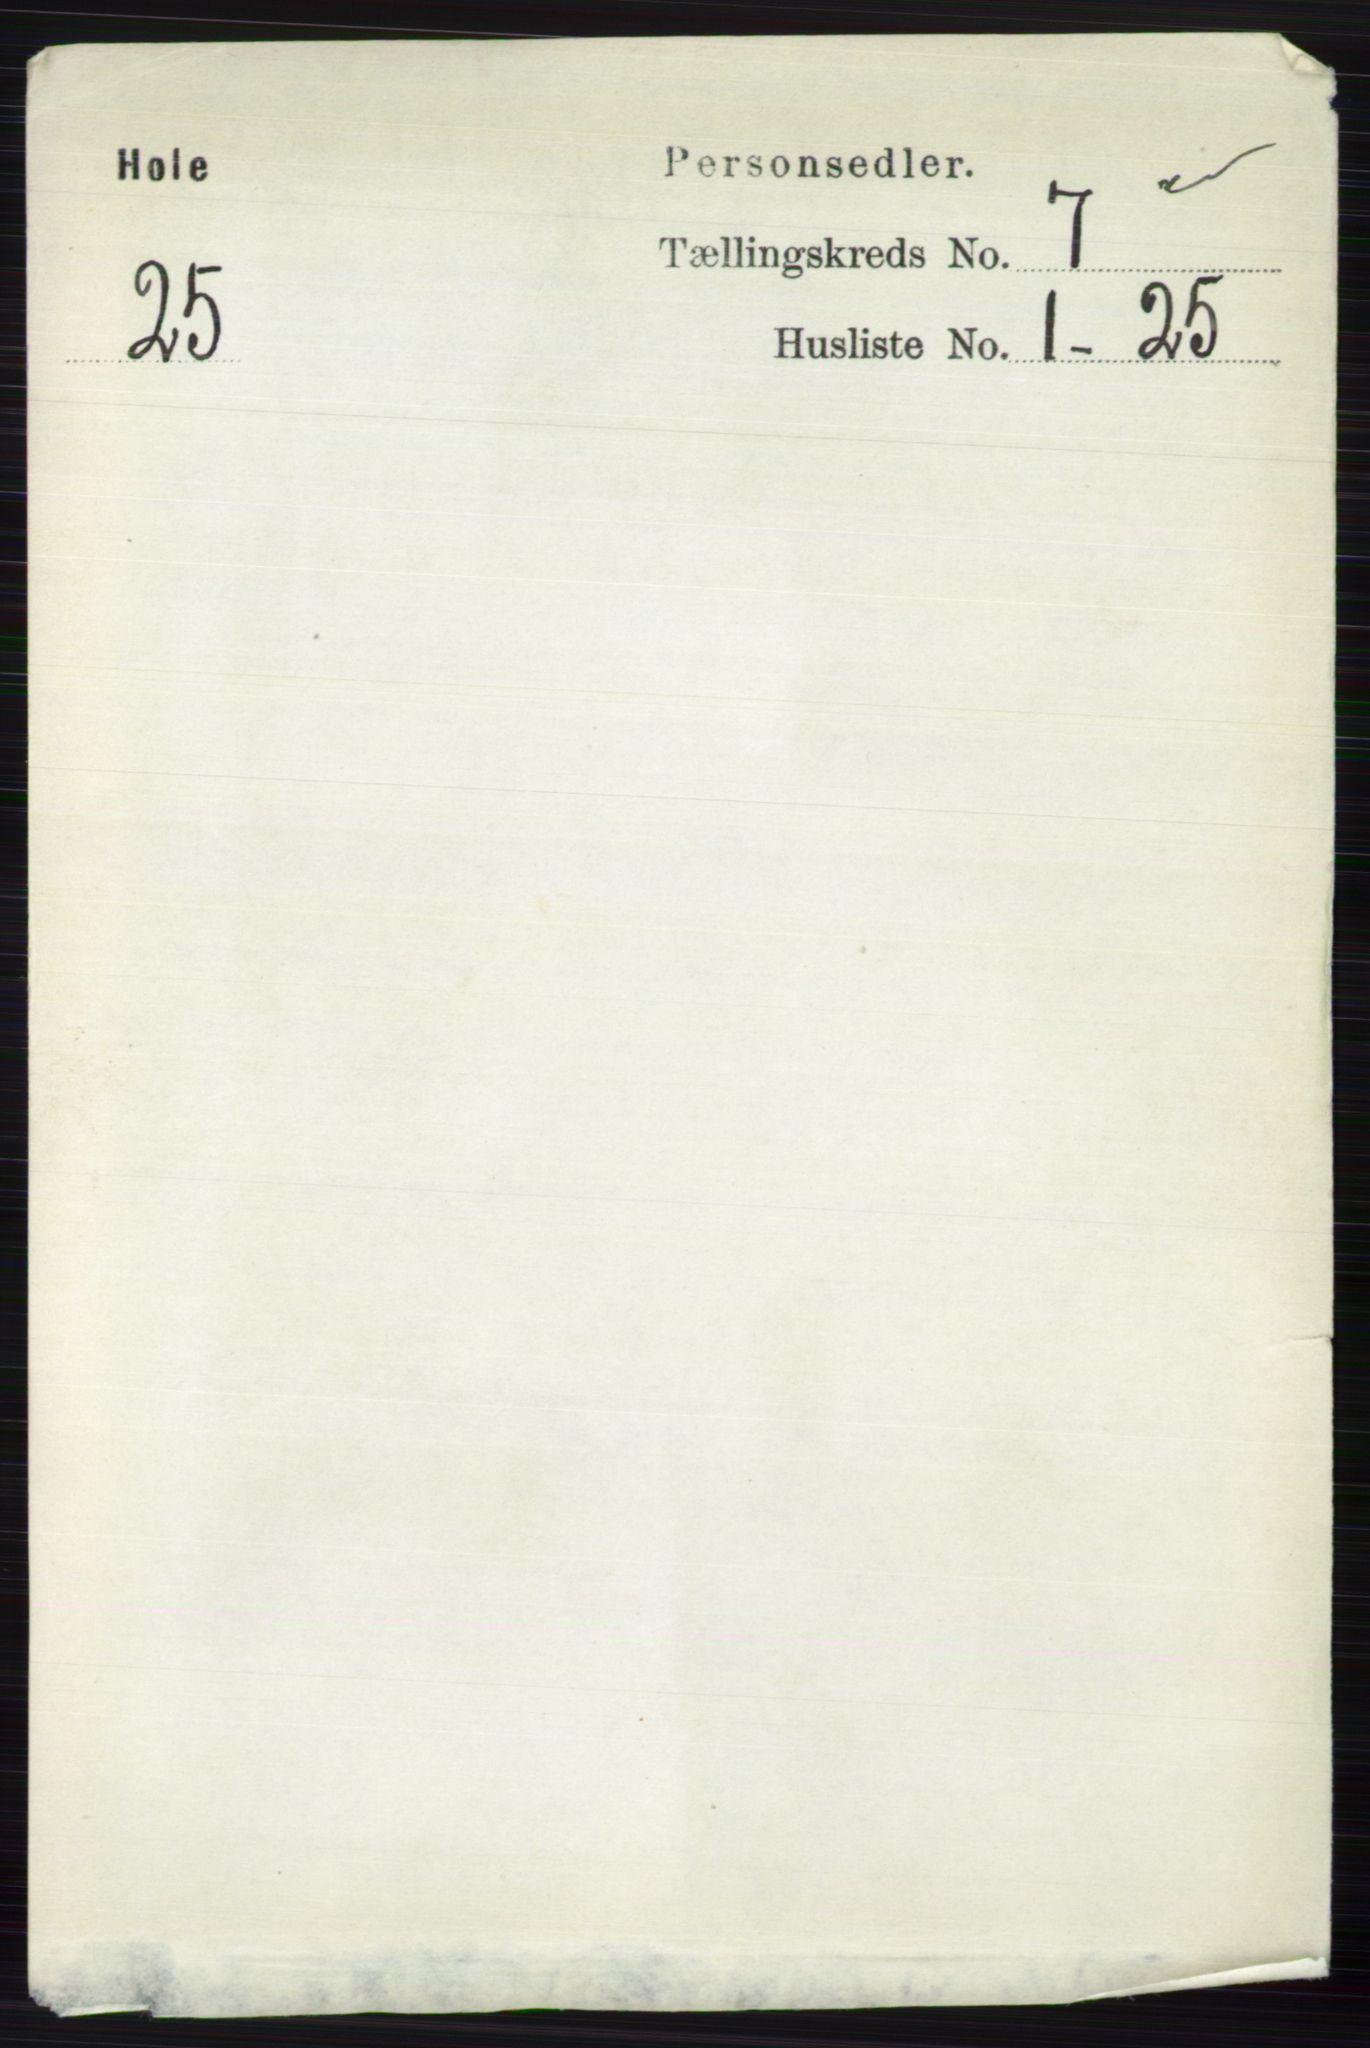 RA, Folketelling 1891 for 0612 Hole herred, 1891, s. 3983